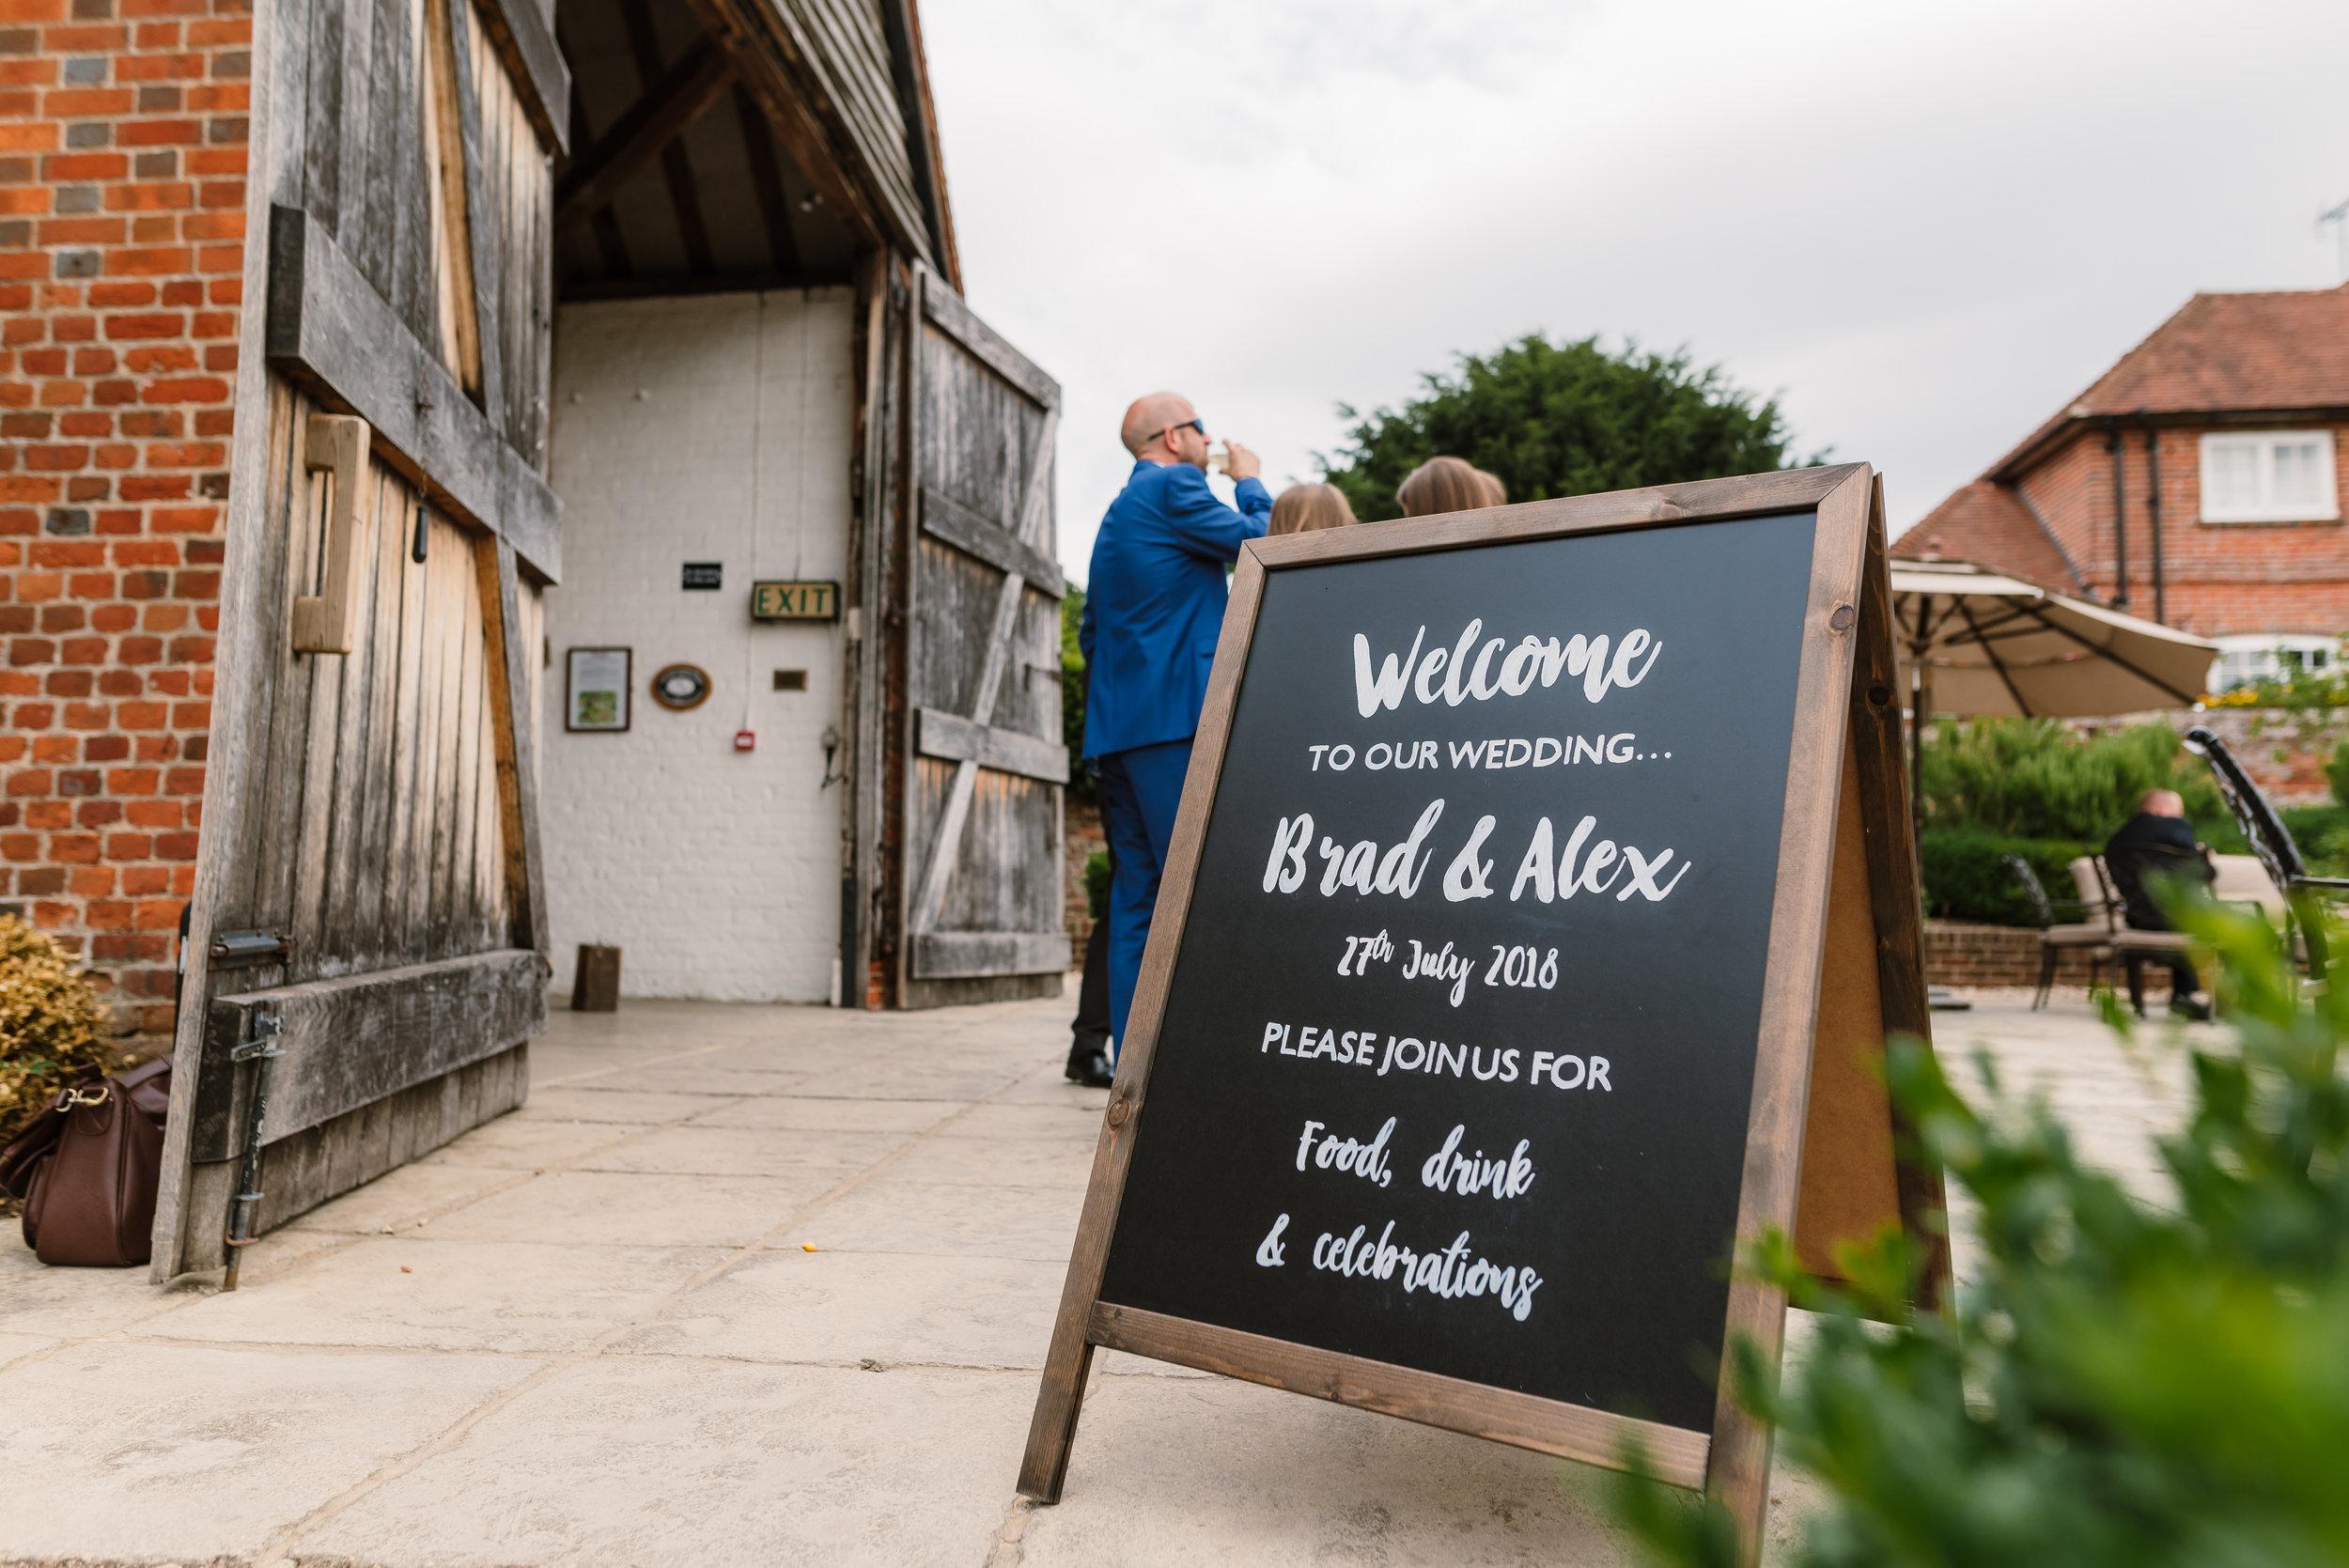 Hampshire Wedding Photographer Hampshire : Ufton-Court-Wedding : Barn-wedding-venue-hampshire : sarah-fishlock-photography : hampshire-barn-wedding-589.jpg